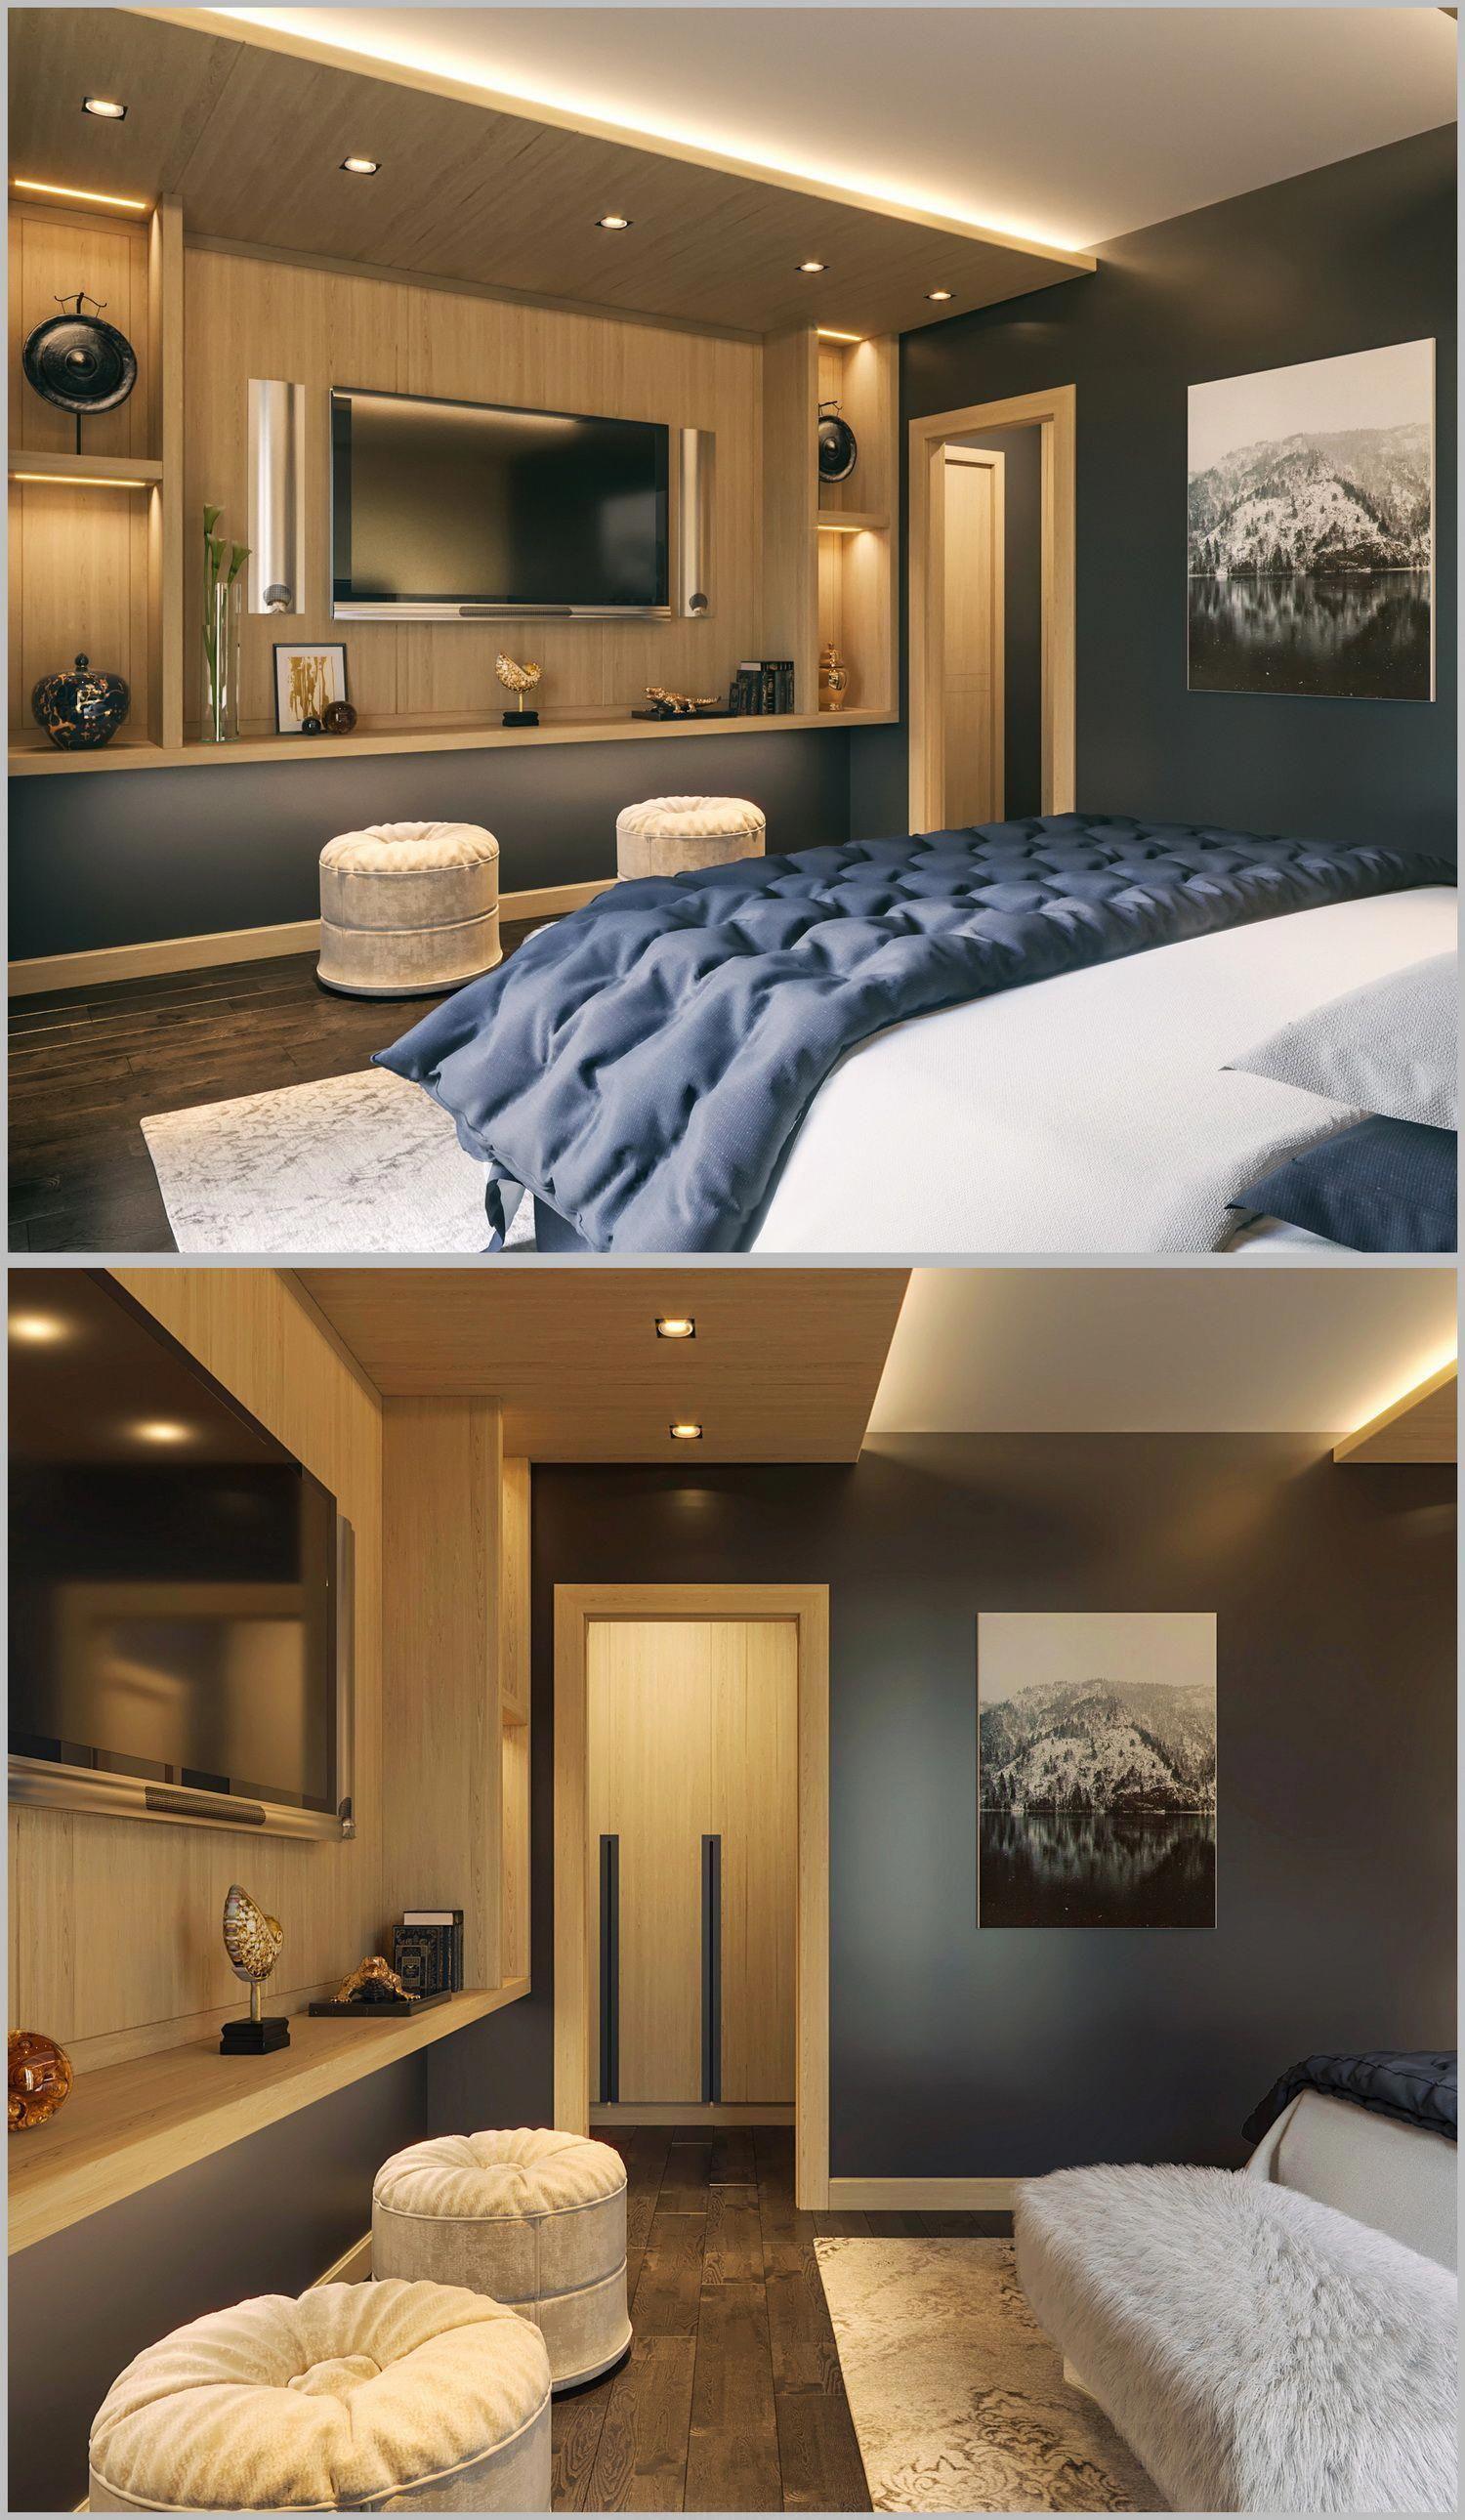 übergangs Schlafzimmer Ideen übergangs designs können